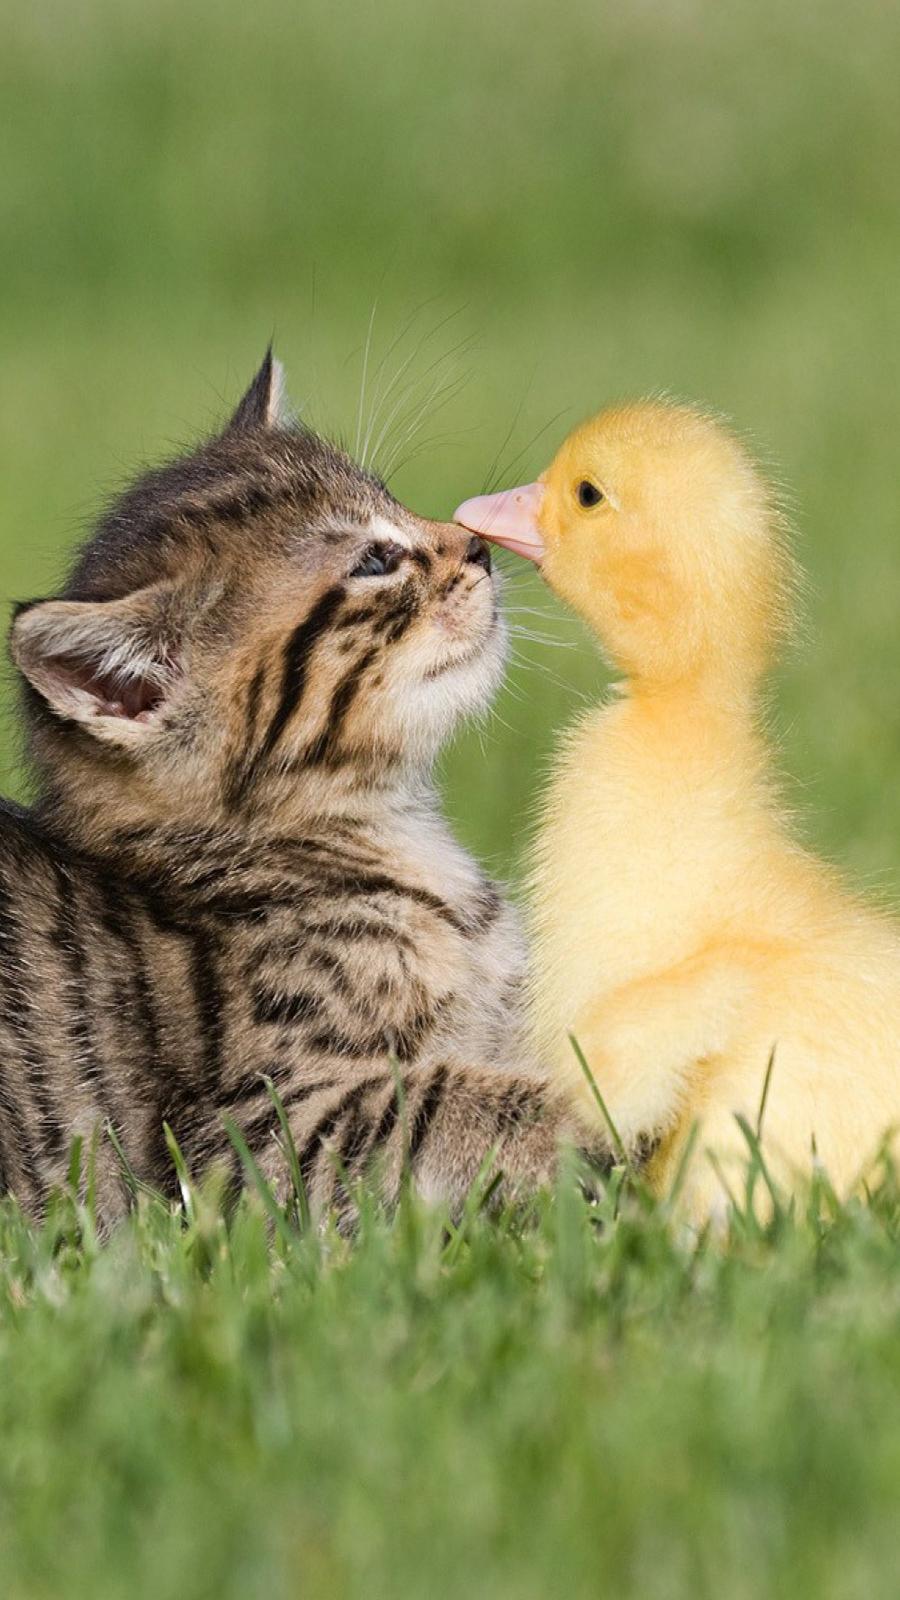 Baby Kitten & Duck Wallpapers Free Download